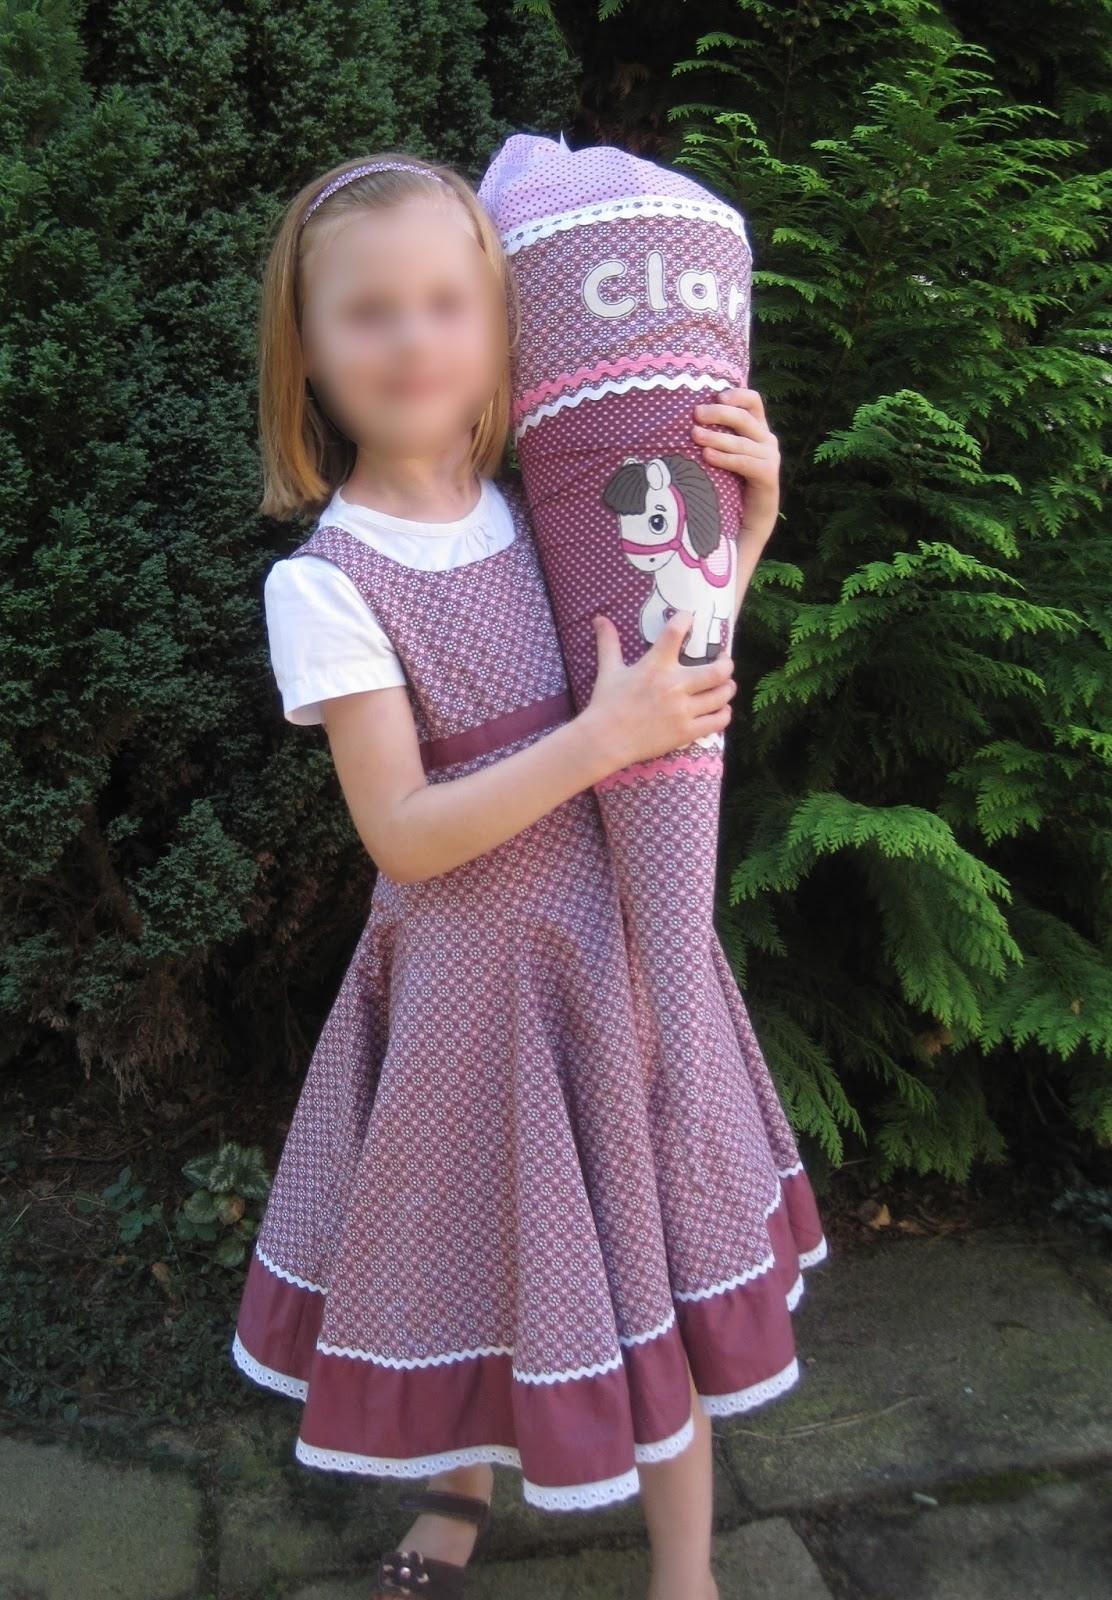 Abend Schön Kleid Einschulung Stylish Einfach Kleid Einschulung Ärmel